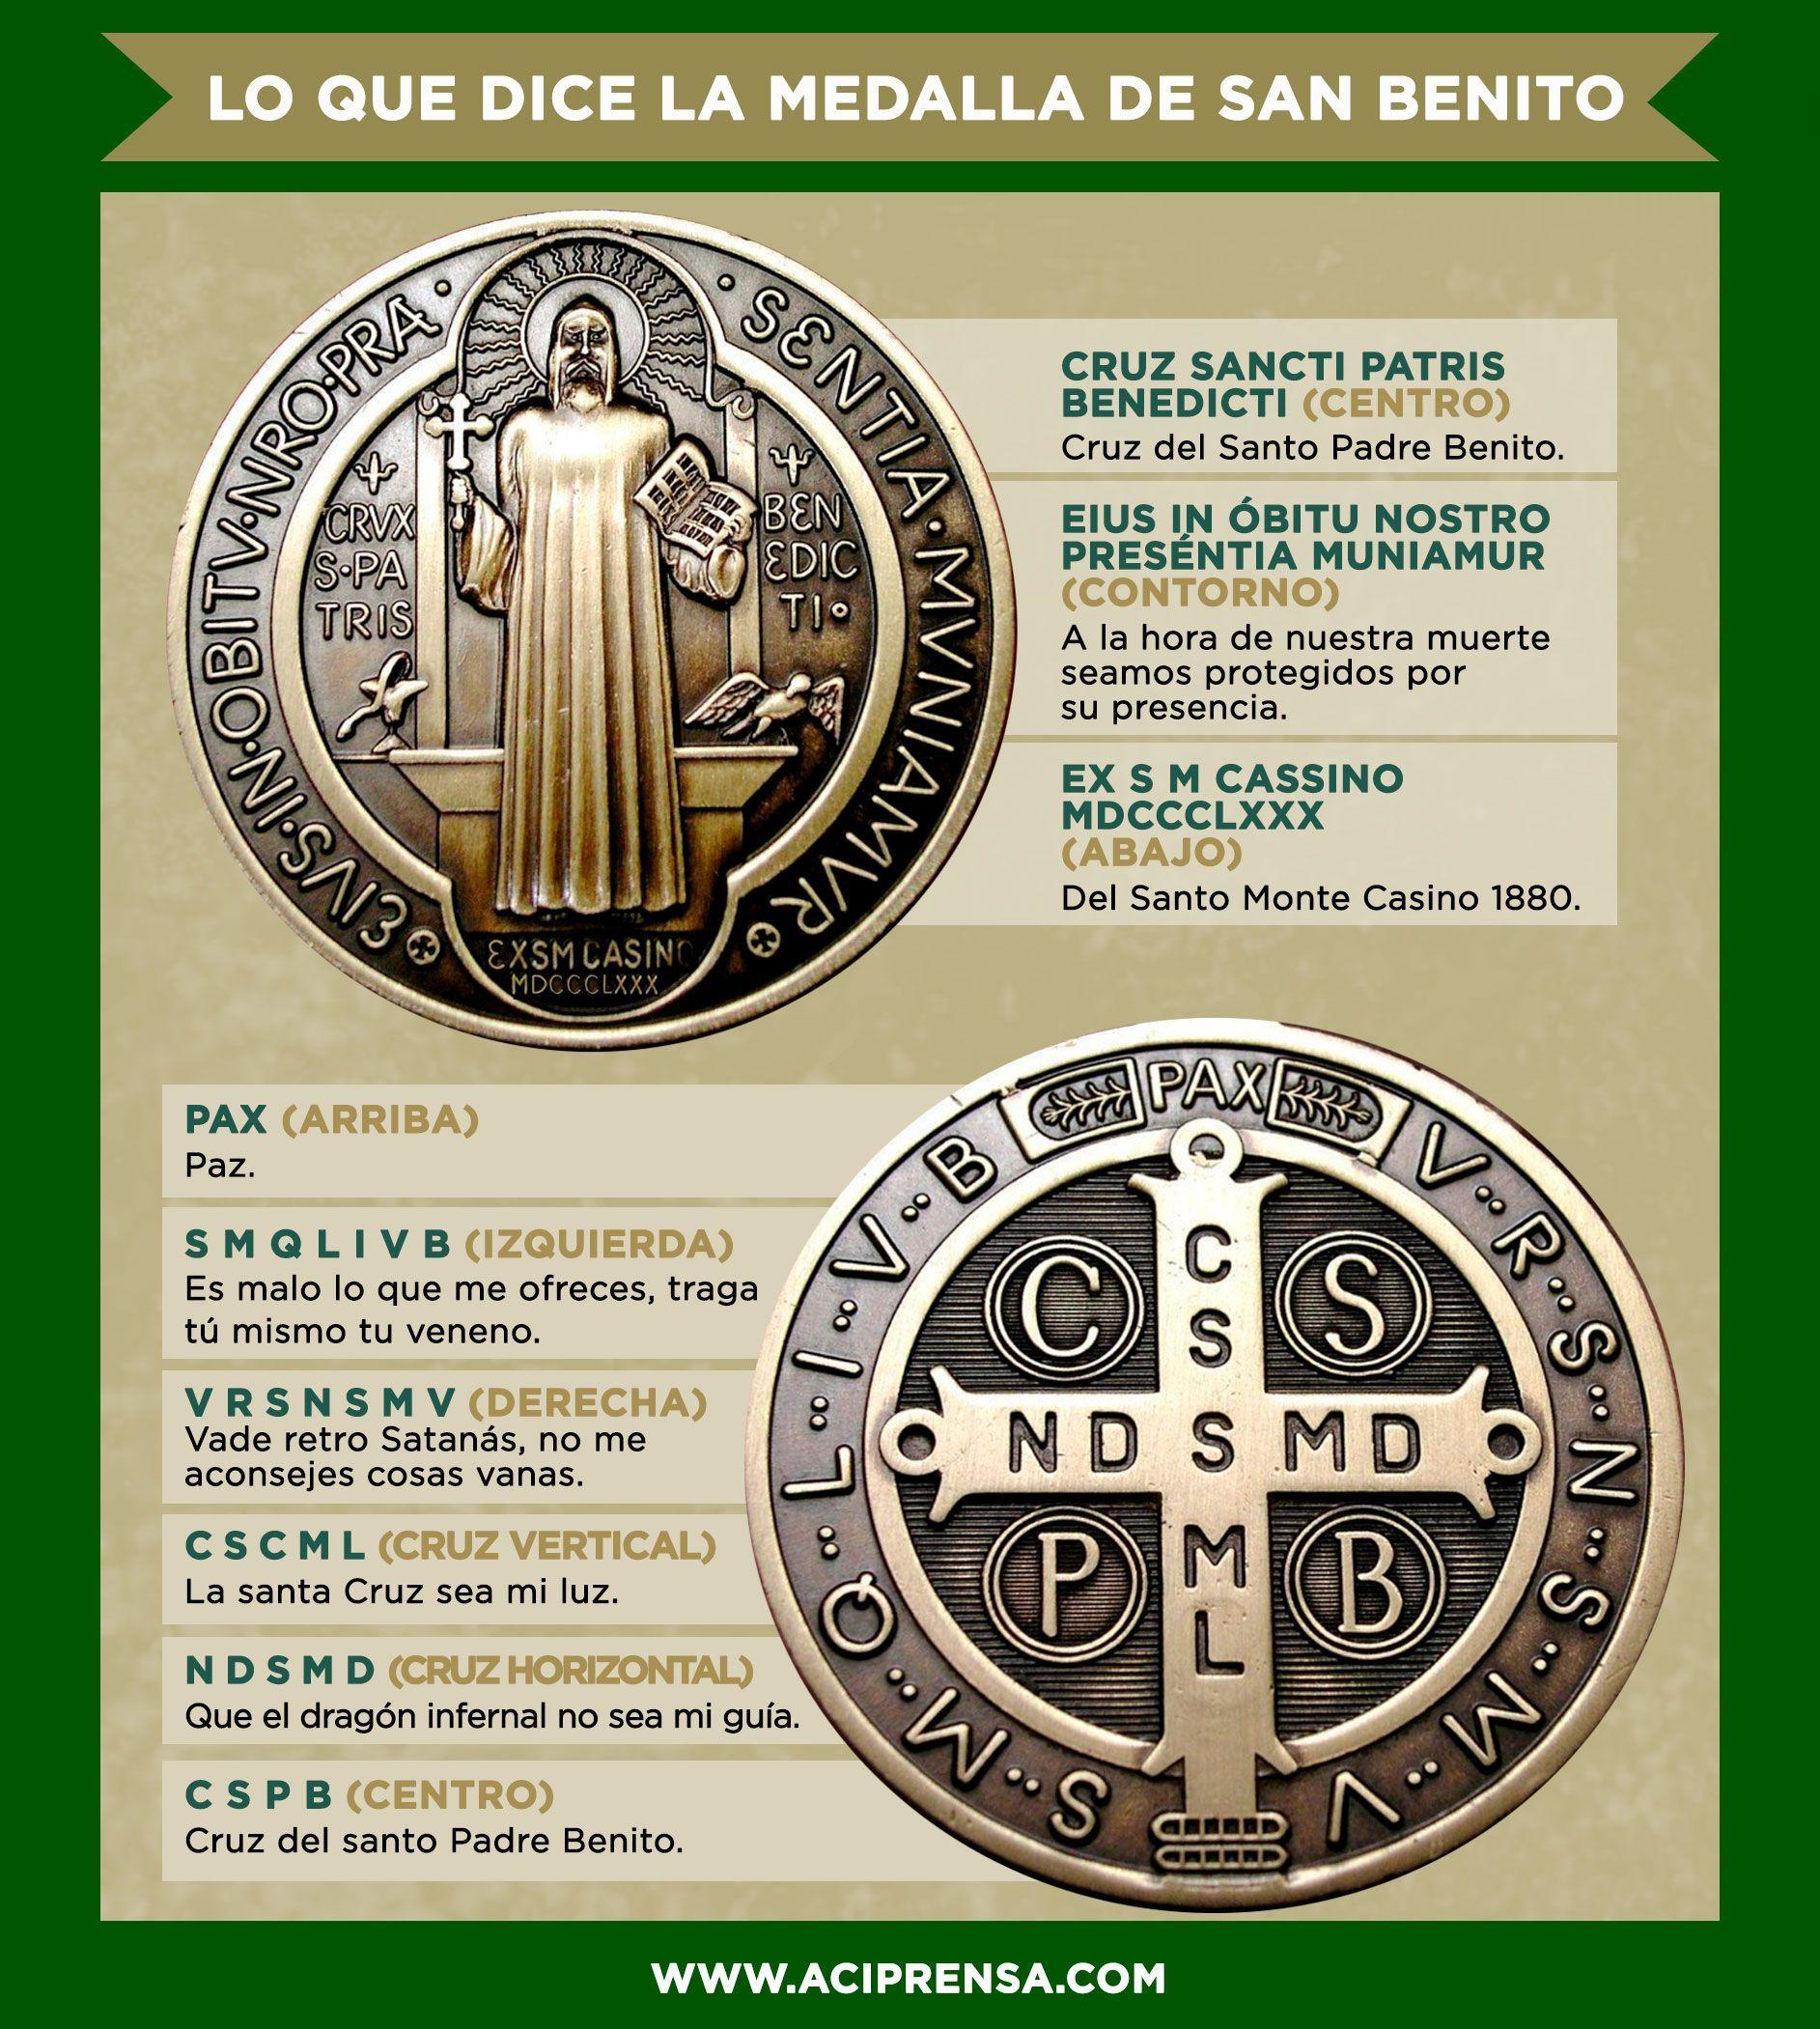 Aci Prensa Calendario.El Significado De La Medalla De San Benito Aci Prensa Fe